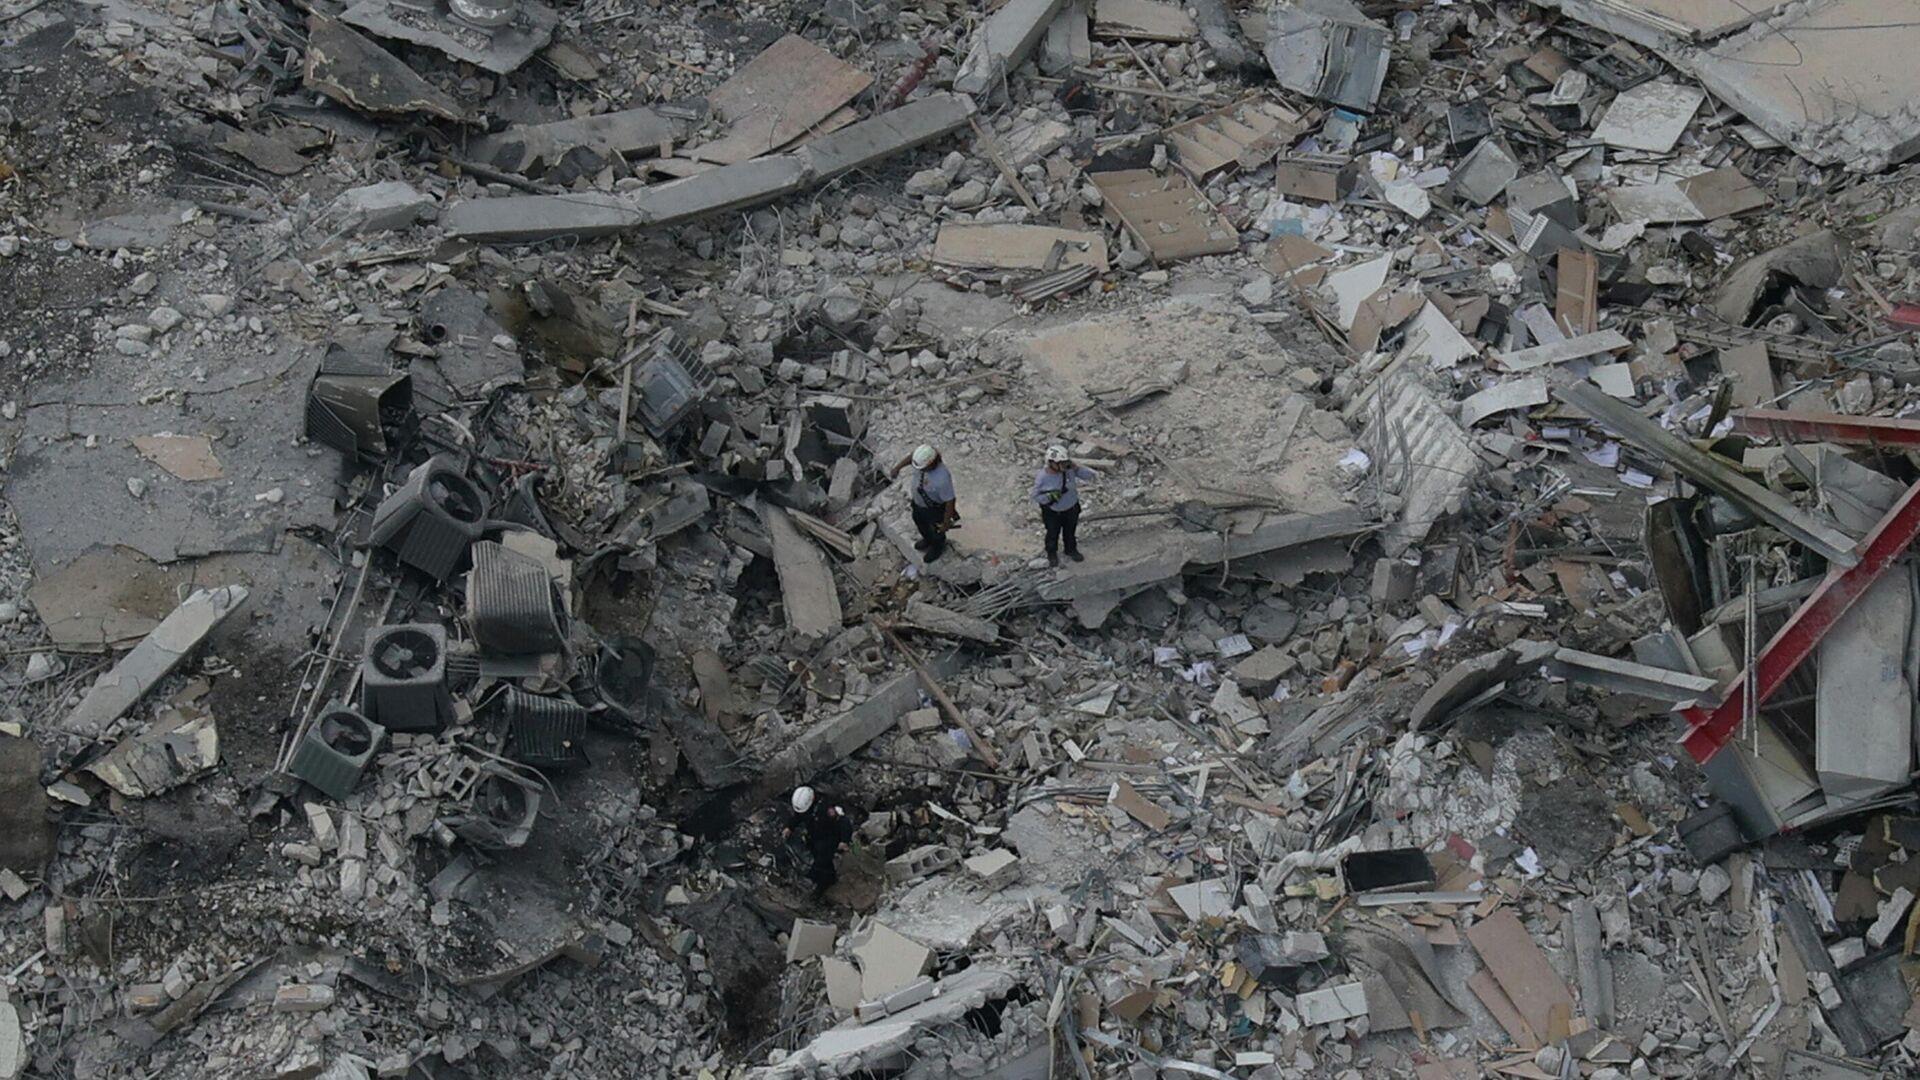 Rescatistas buscando sobrevivientes entre los escombros del edificio que se derrumbó en Miami el 24 de junio de 2021 - Sputnik Mundo, 1920, 24.06.2021